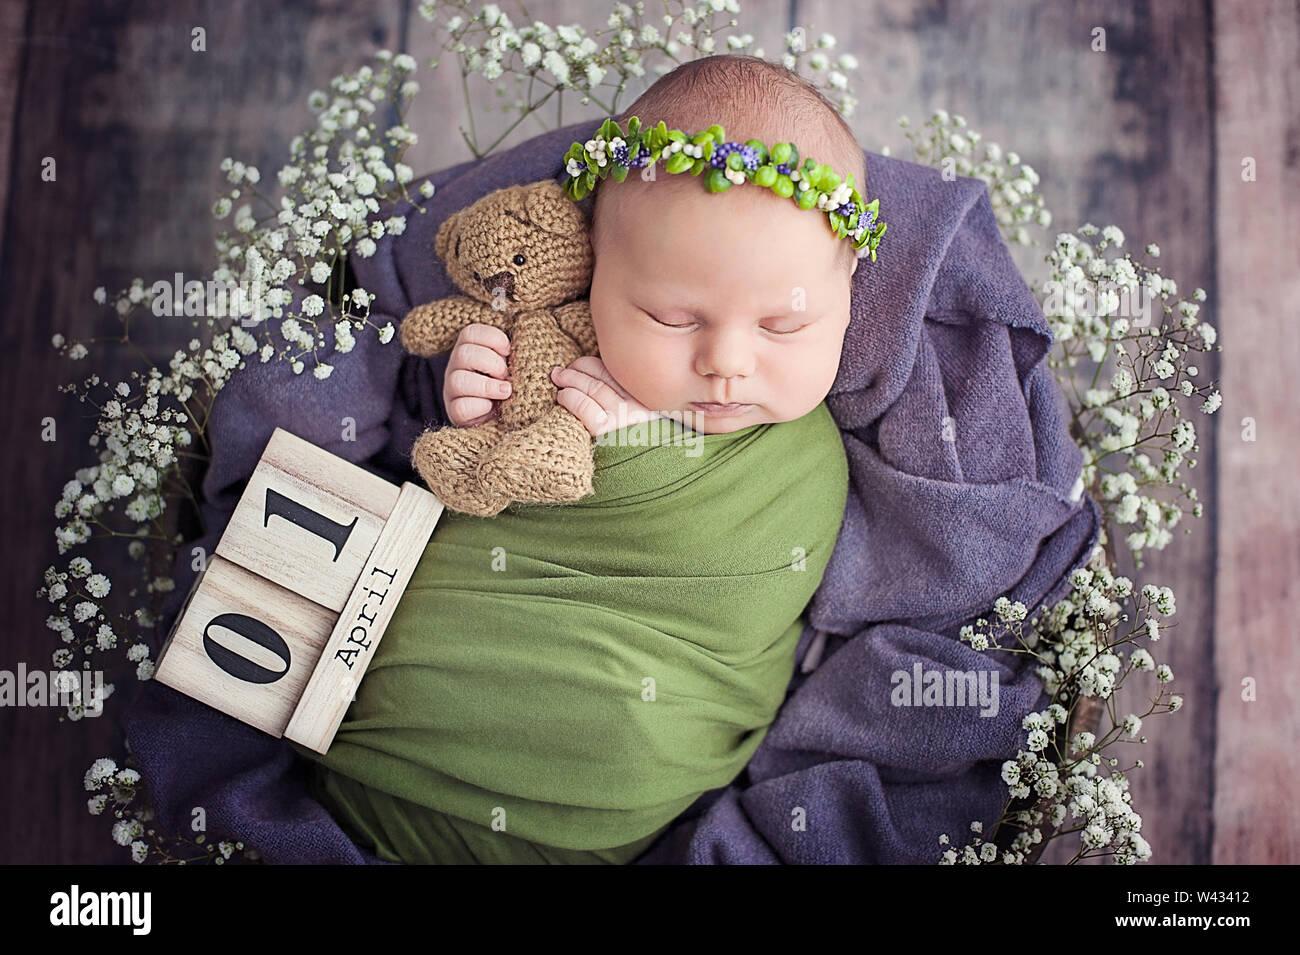 10 jours nouveau-né est en train de dormir dans le panier. Enfant de deux semaines. Début de la vie et heureuse enfance magic fairy concept. copier l'espace. Blague 1er avril Photo Stock